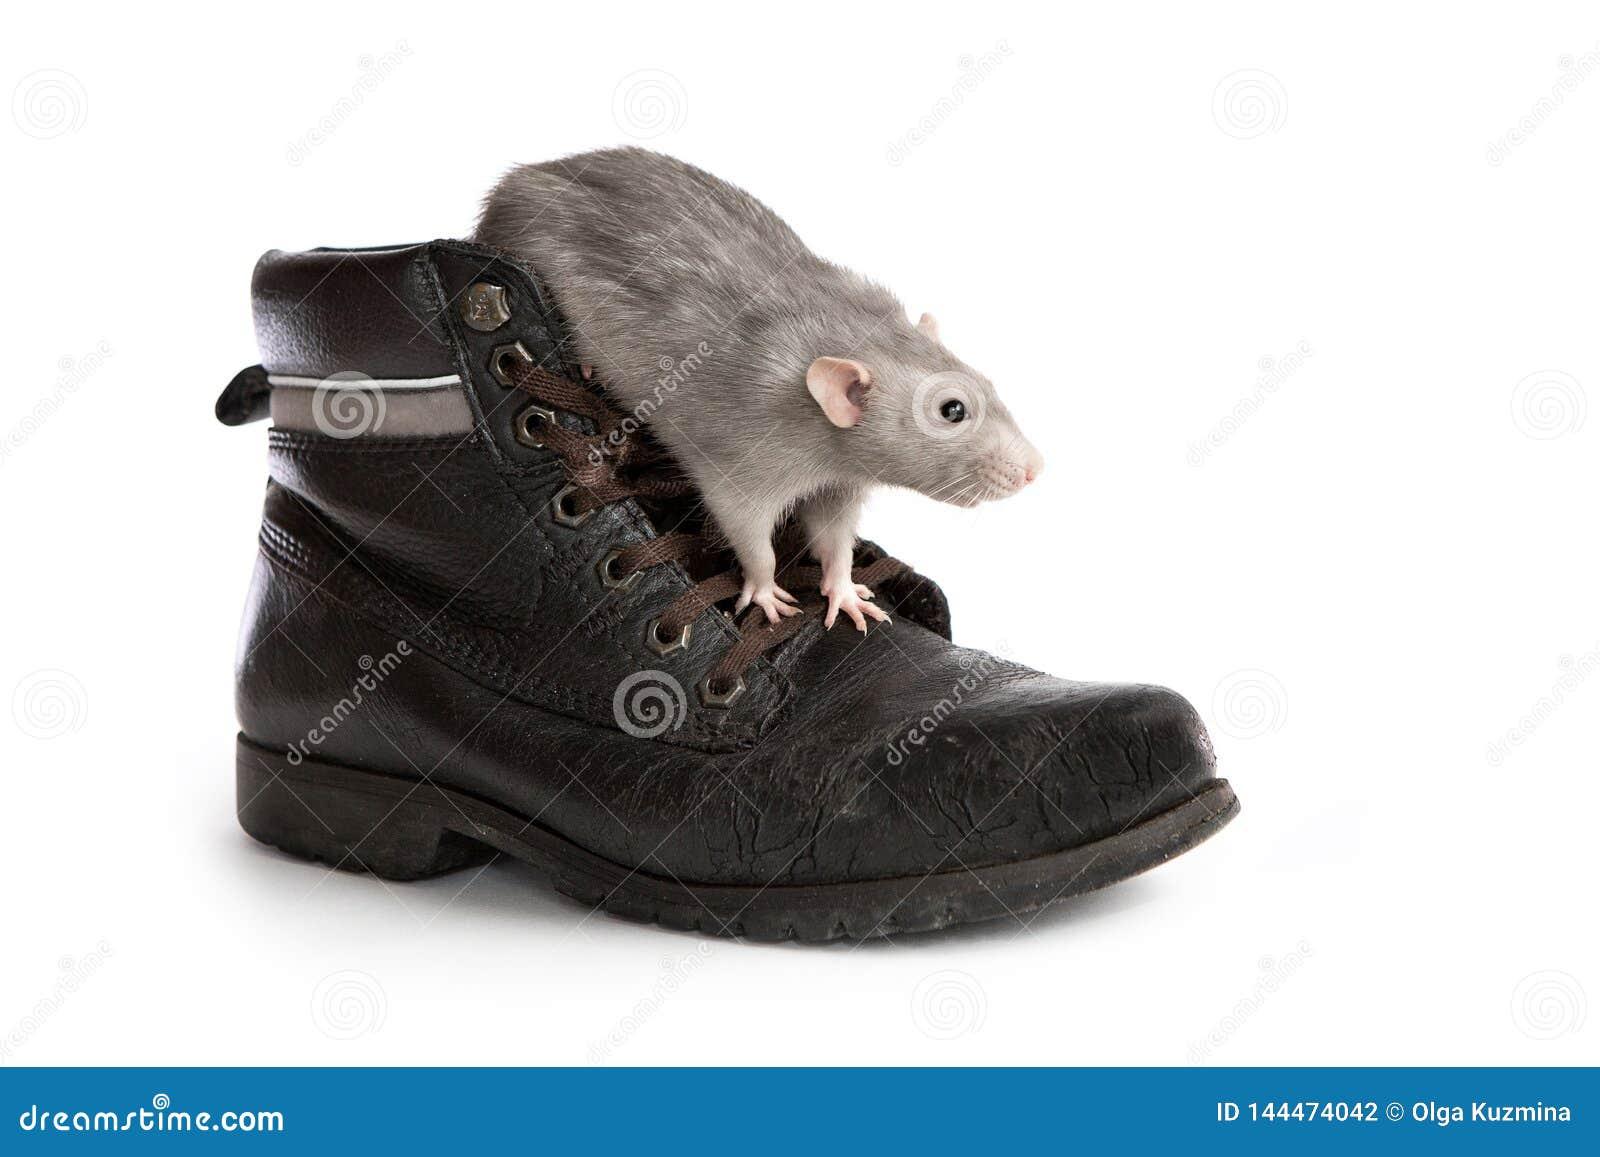 Декоративная крыса в старом ботинке на белой изолированной предпосылке, любимец dumbo